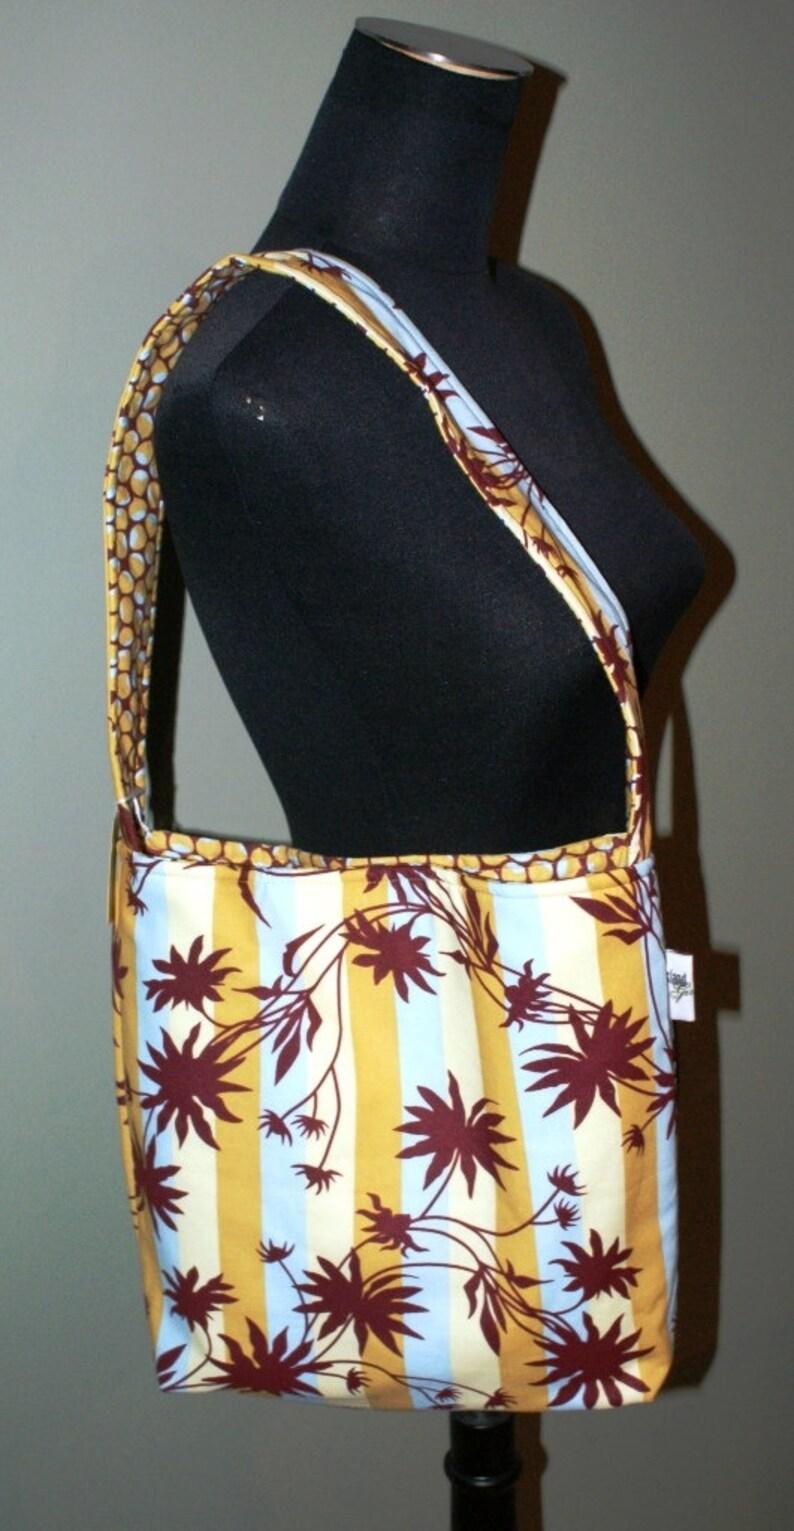 SALE Island Girl Bags Slouch Bag in Joel Dewberry image 0